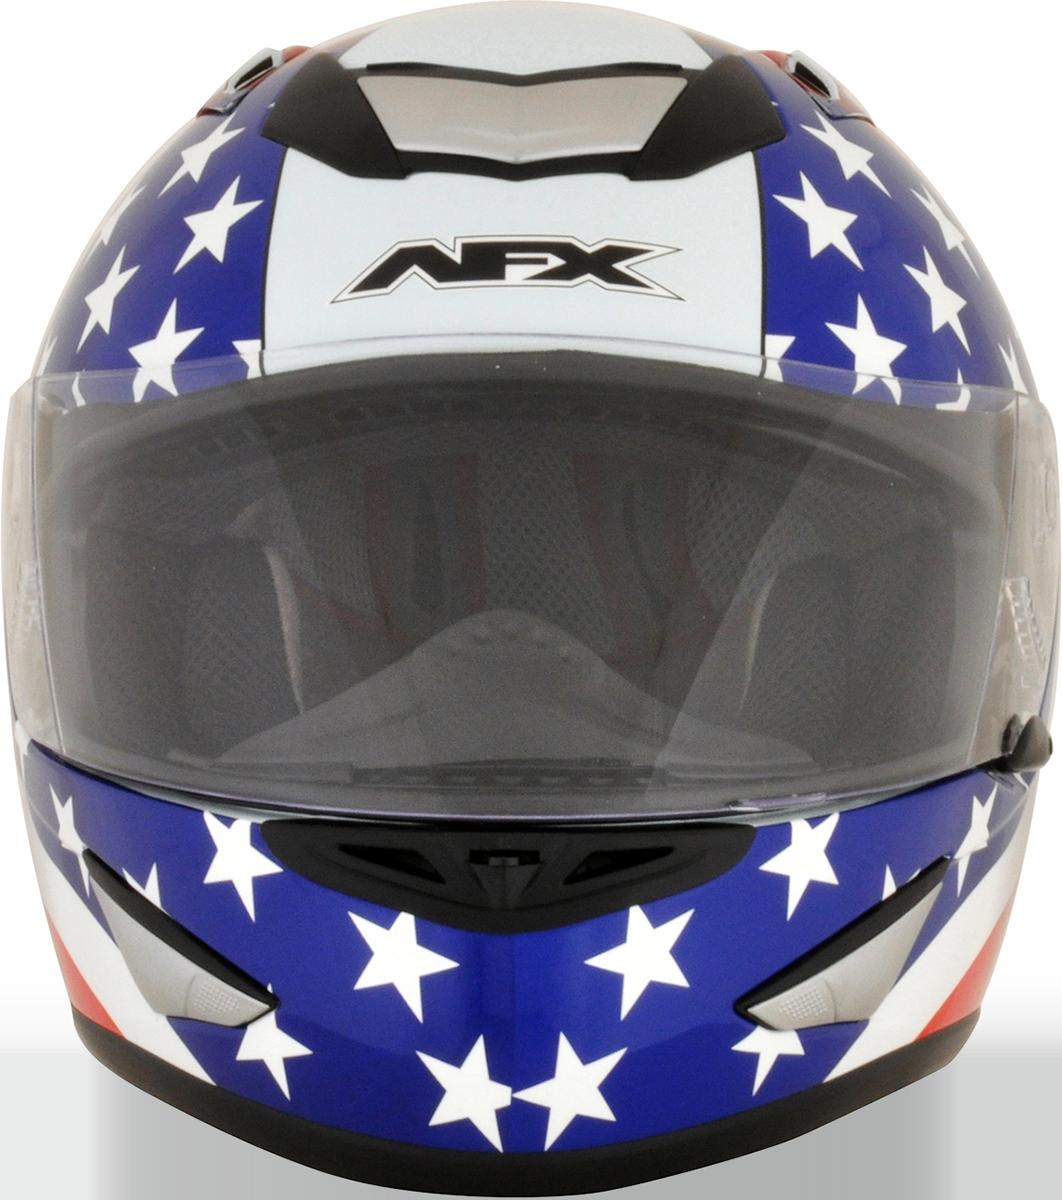 Racing helmet png. Afx unisex white motorcycle